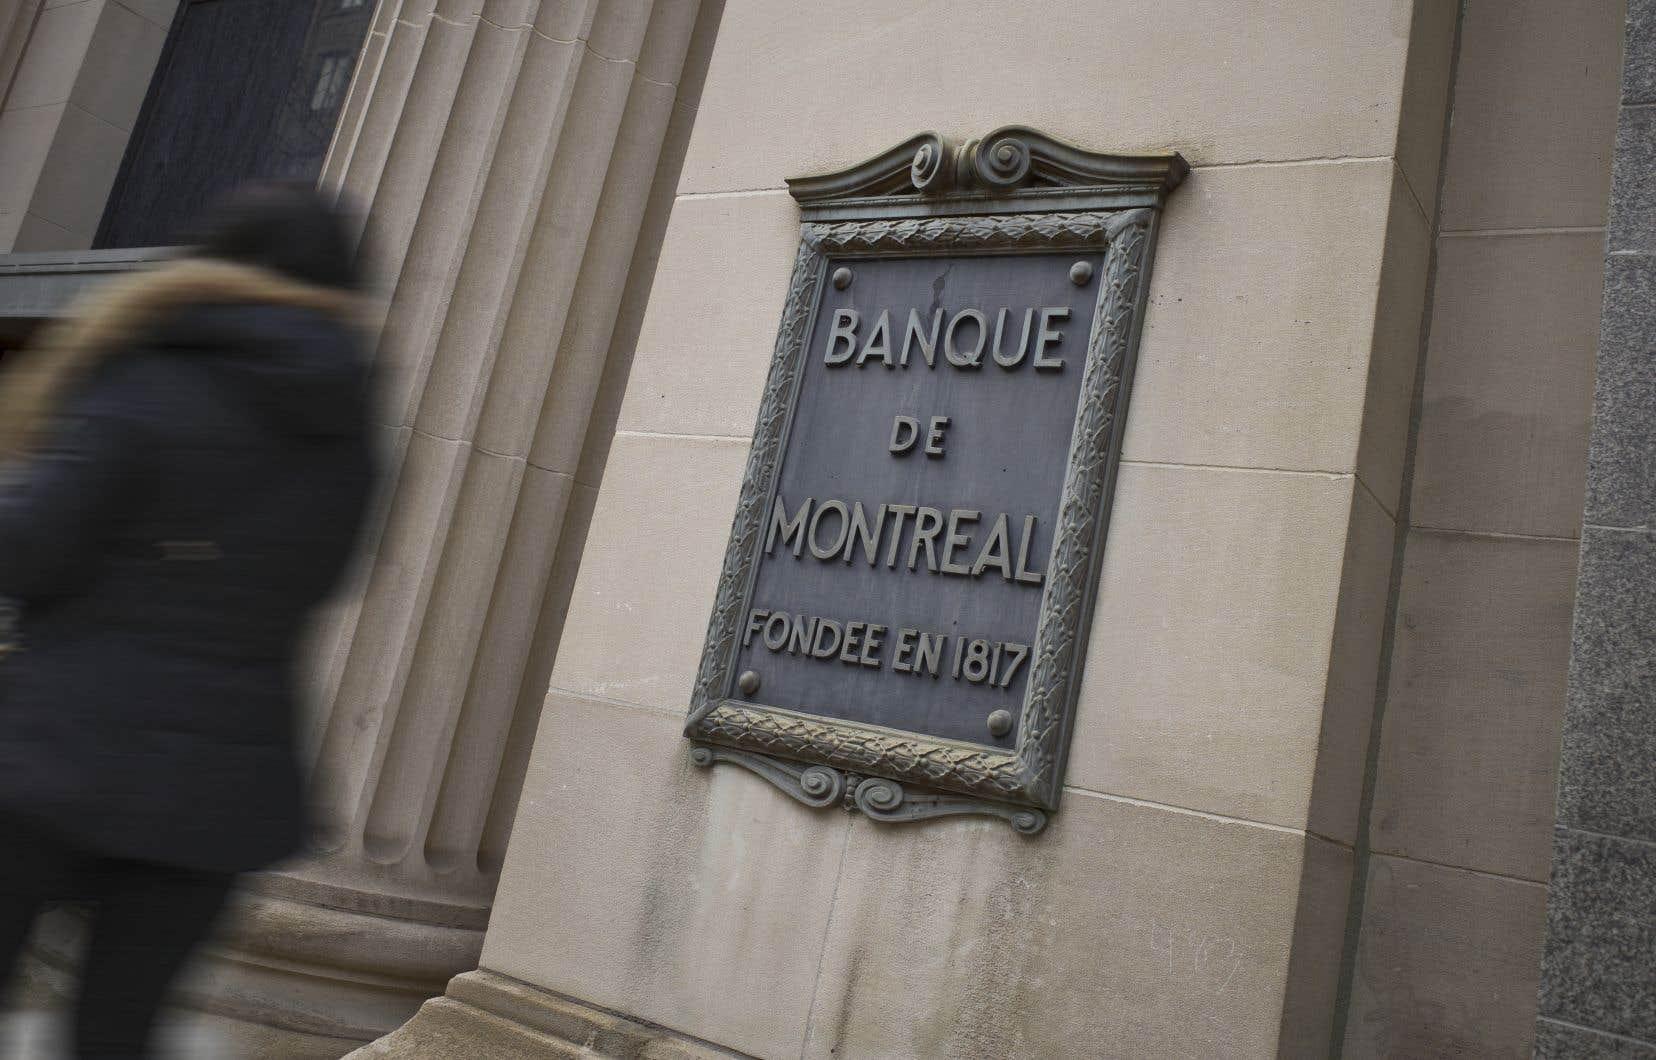 Le chef de la direction de la Banque, Darryl White, a indiqué que cette décision s'inscrivait dans la volonté de la Banque de mieux répartir ses ressources dans des secteurs où elles pouvaient livrer de meilleurs rendements maintenant et plus tard.